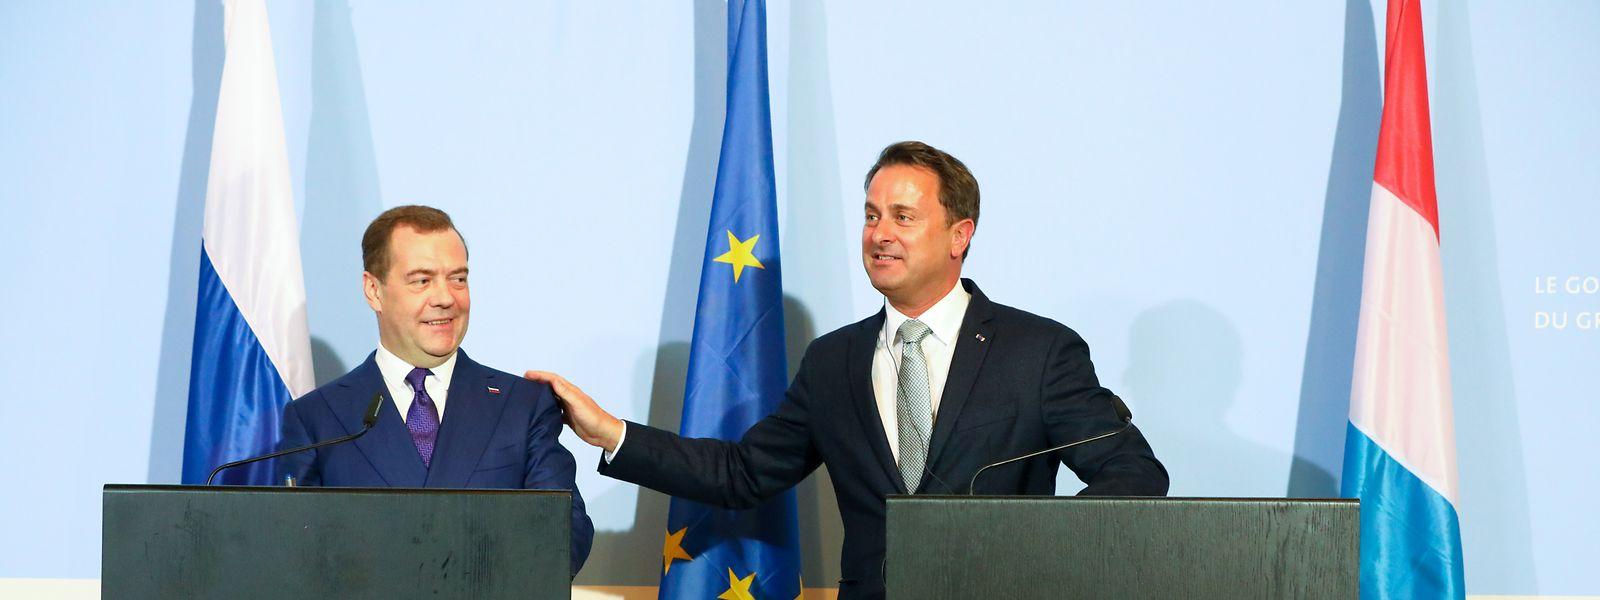 Dmitri Medvedev a souligné que le Luxembourg est un partenaire commercial important pour la Russie puisqu'il en est le cinquième investisseur, notamment en raison de sa place financière.